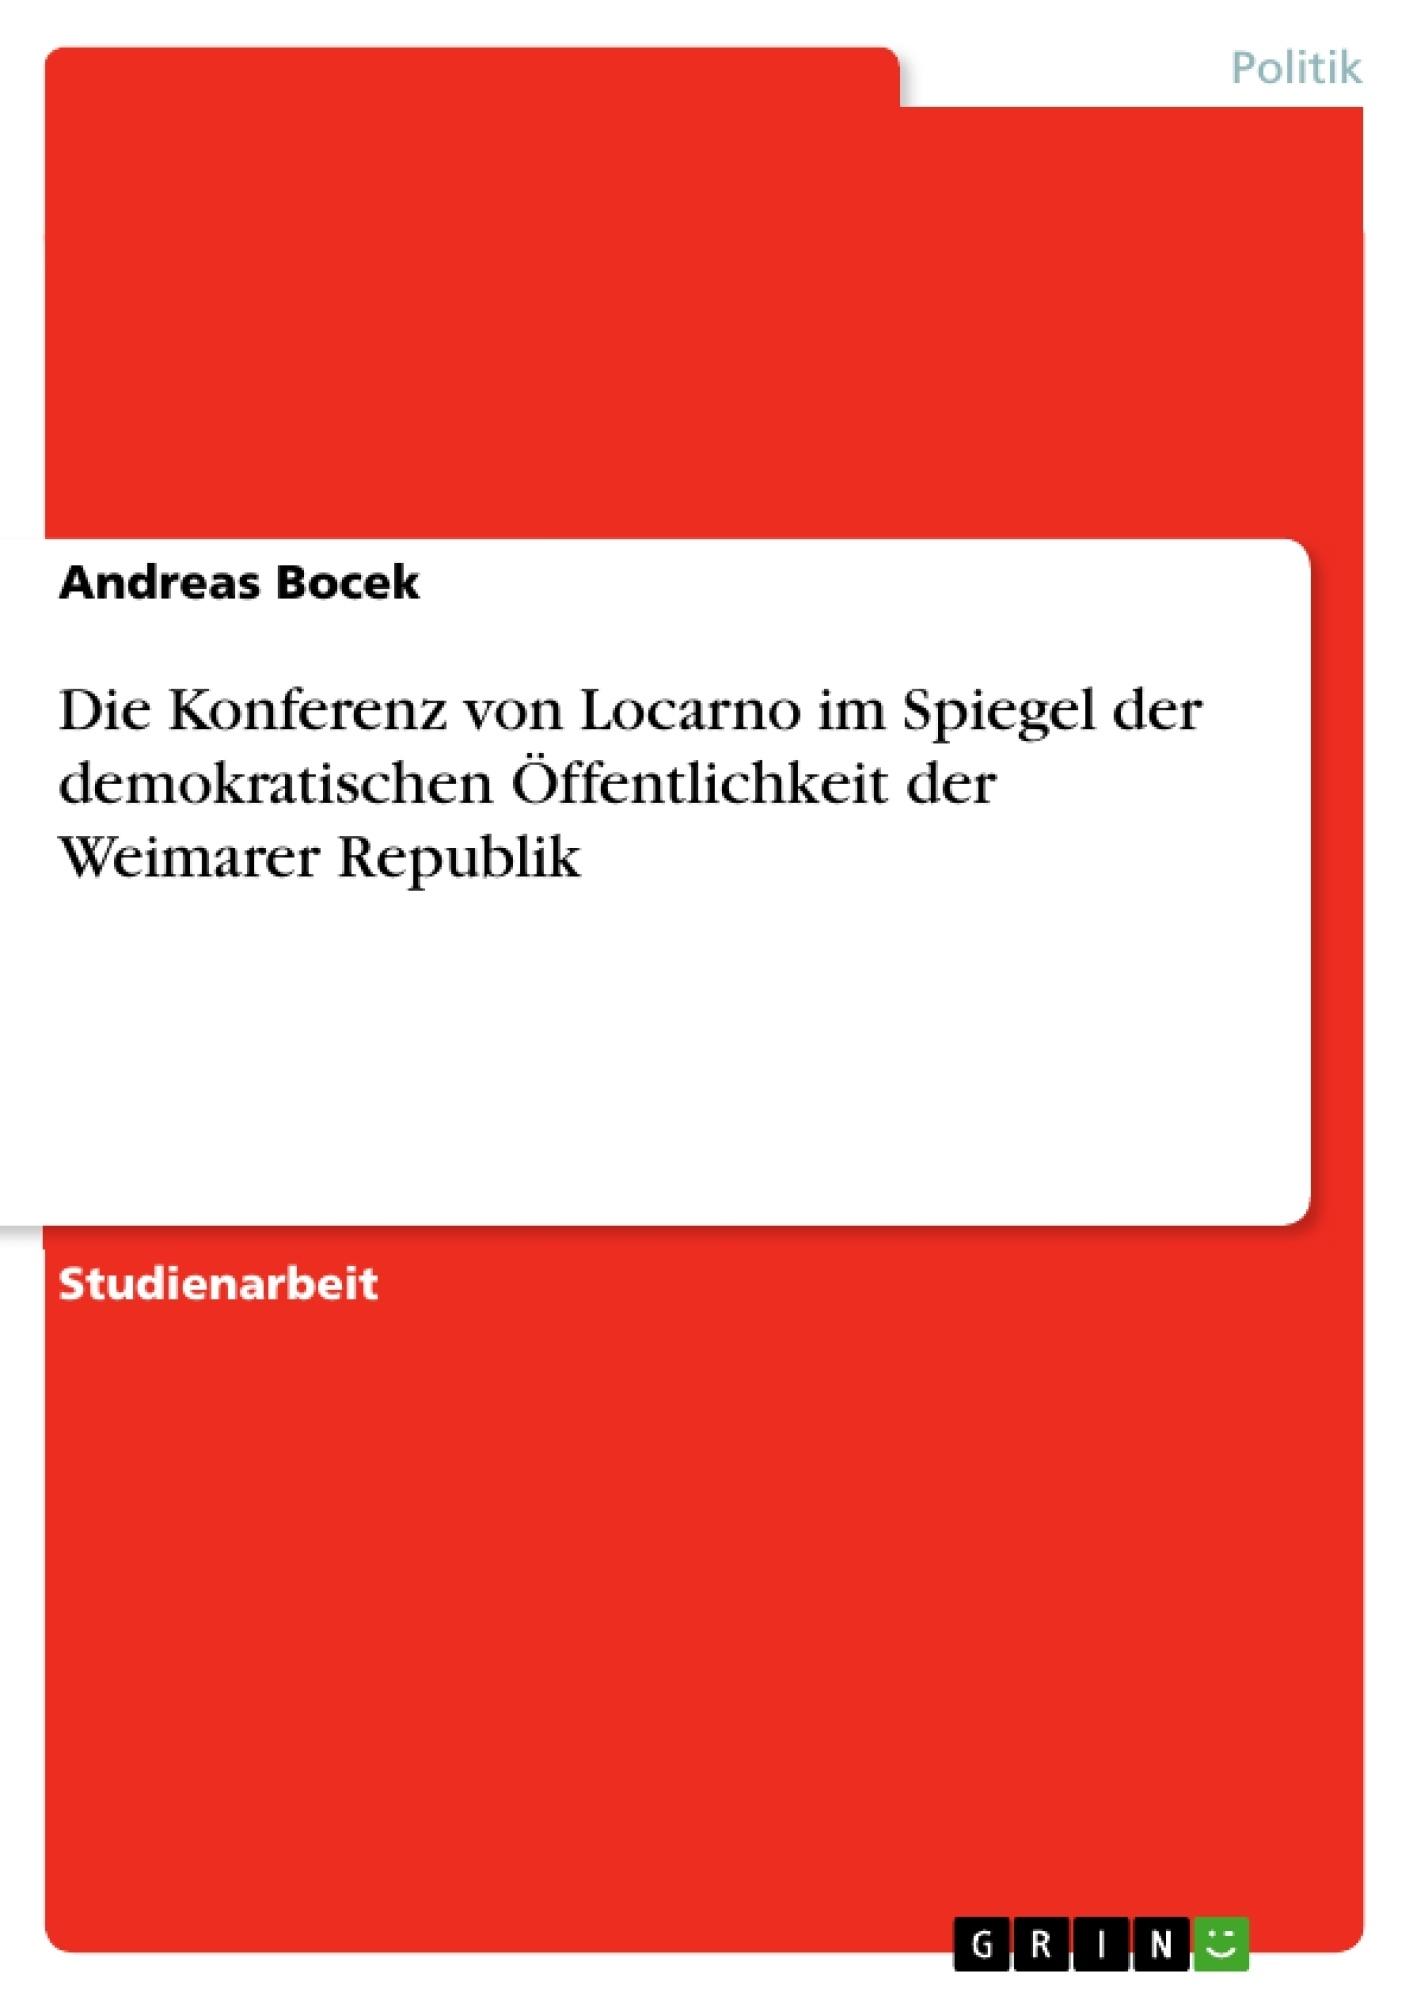 Titel: Die Konferenz von Locarno im Spiegel der demokratischen Öffentlichkeit der Weimarer Republik